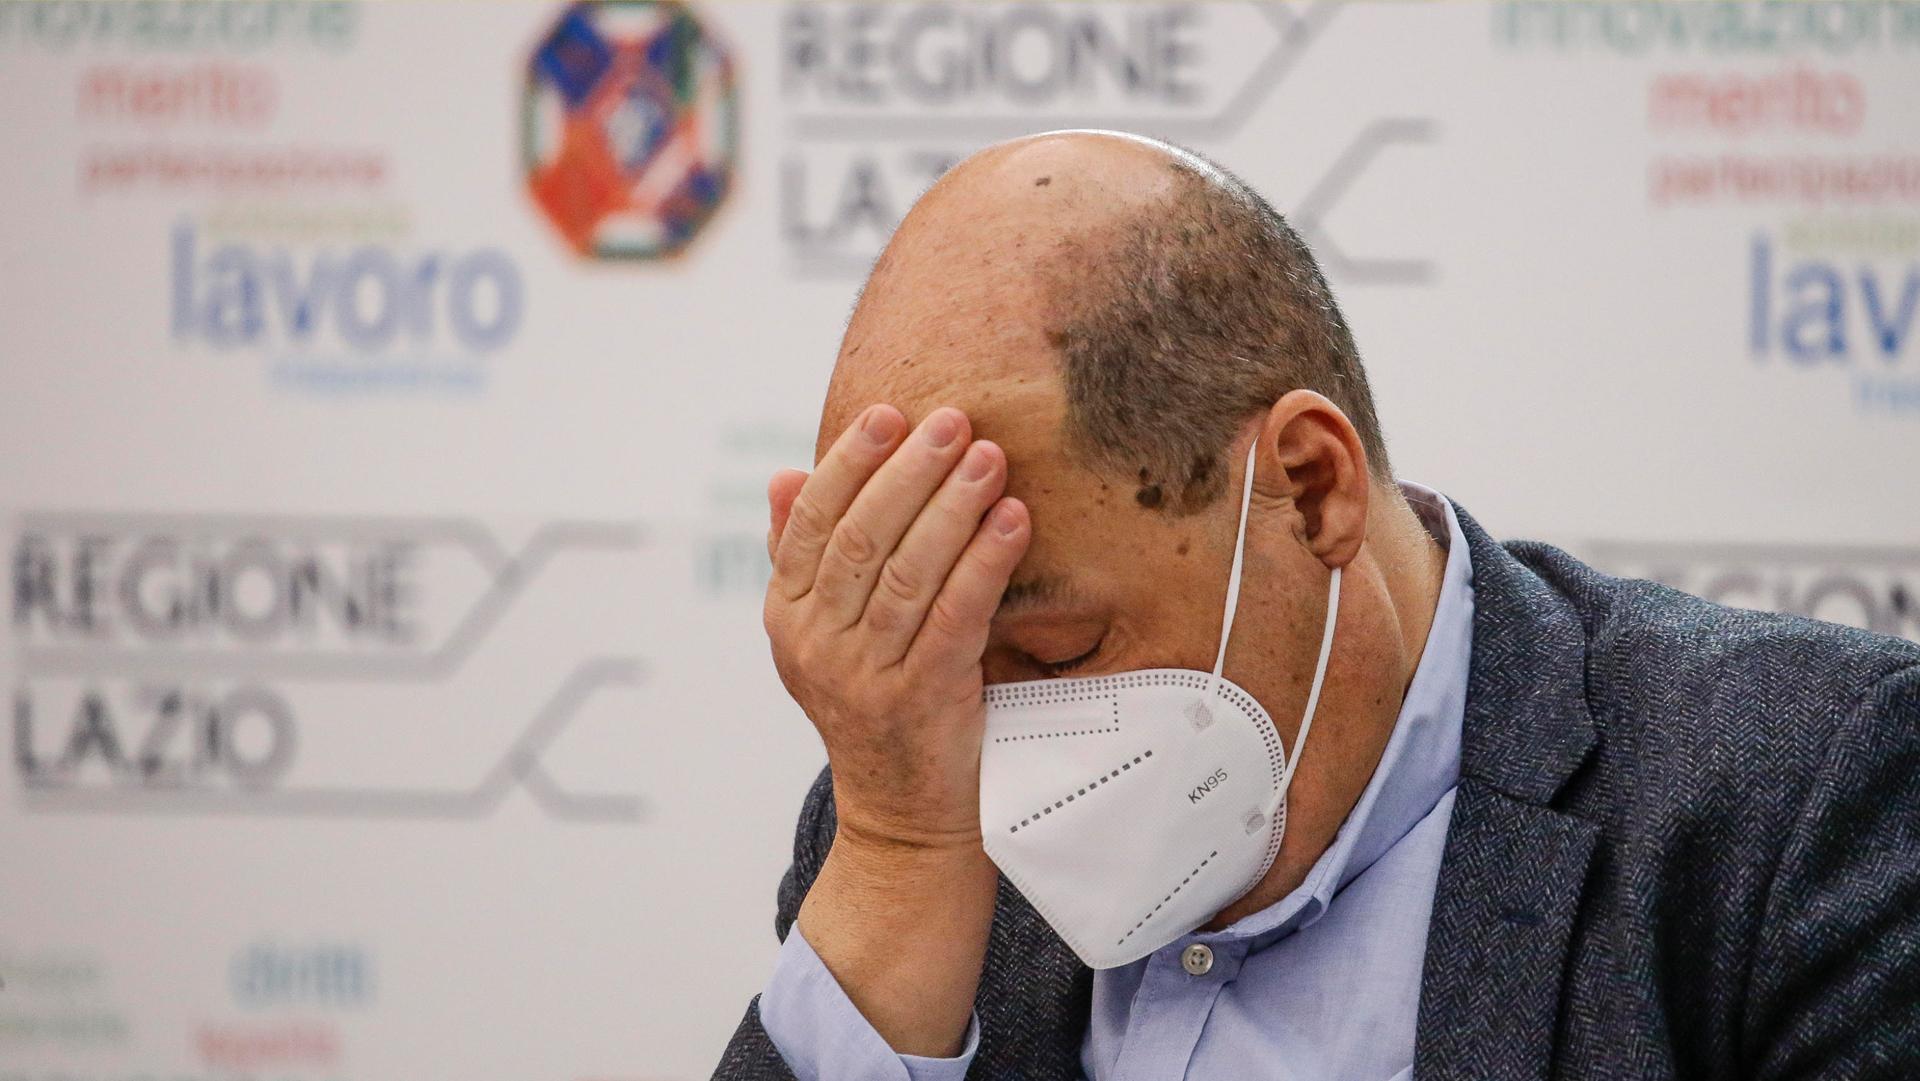 Zingaretti si dimette da segretario del PD, la Lombardia in zona arancione rafforzata e le altre notizie della giornata